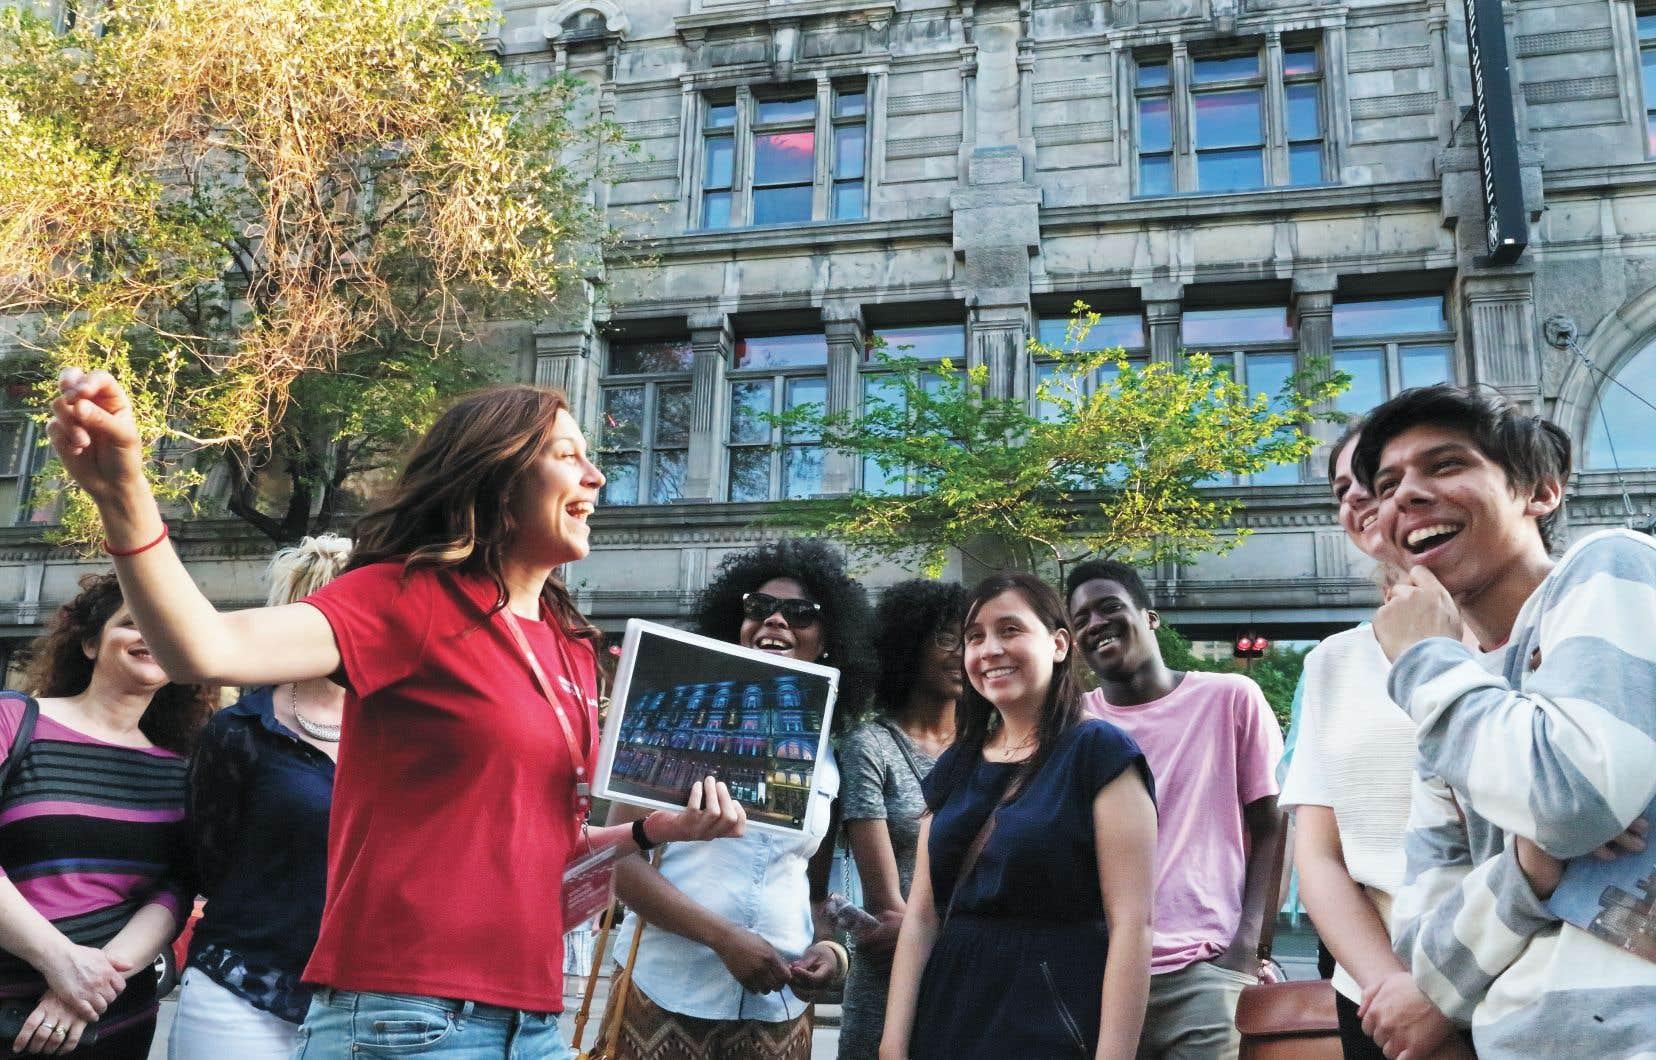 Sur le boulevard Saint-Laurent, la guide Catherine Messier s'arrête devant le Monument-National, figure emblématique de la culture francophone montréalaise. En plus d'une salle de spectacle, la bâtisse abrite aujourd'hui l'École nationale de théâtre. La nuit tombée, sa devanture revêt des atours lumineux.